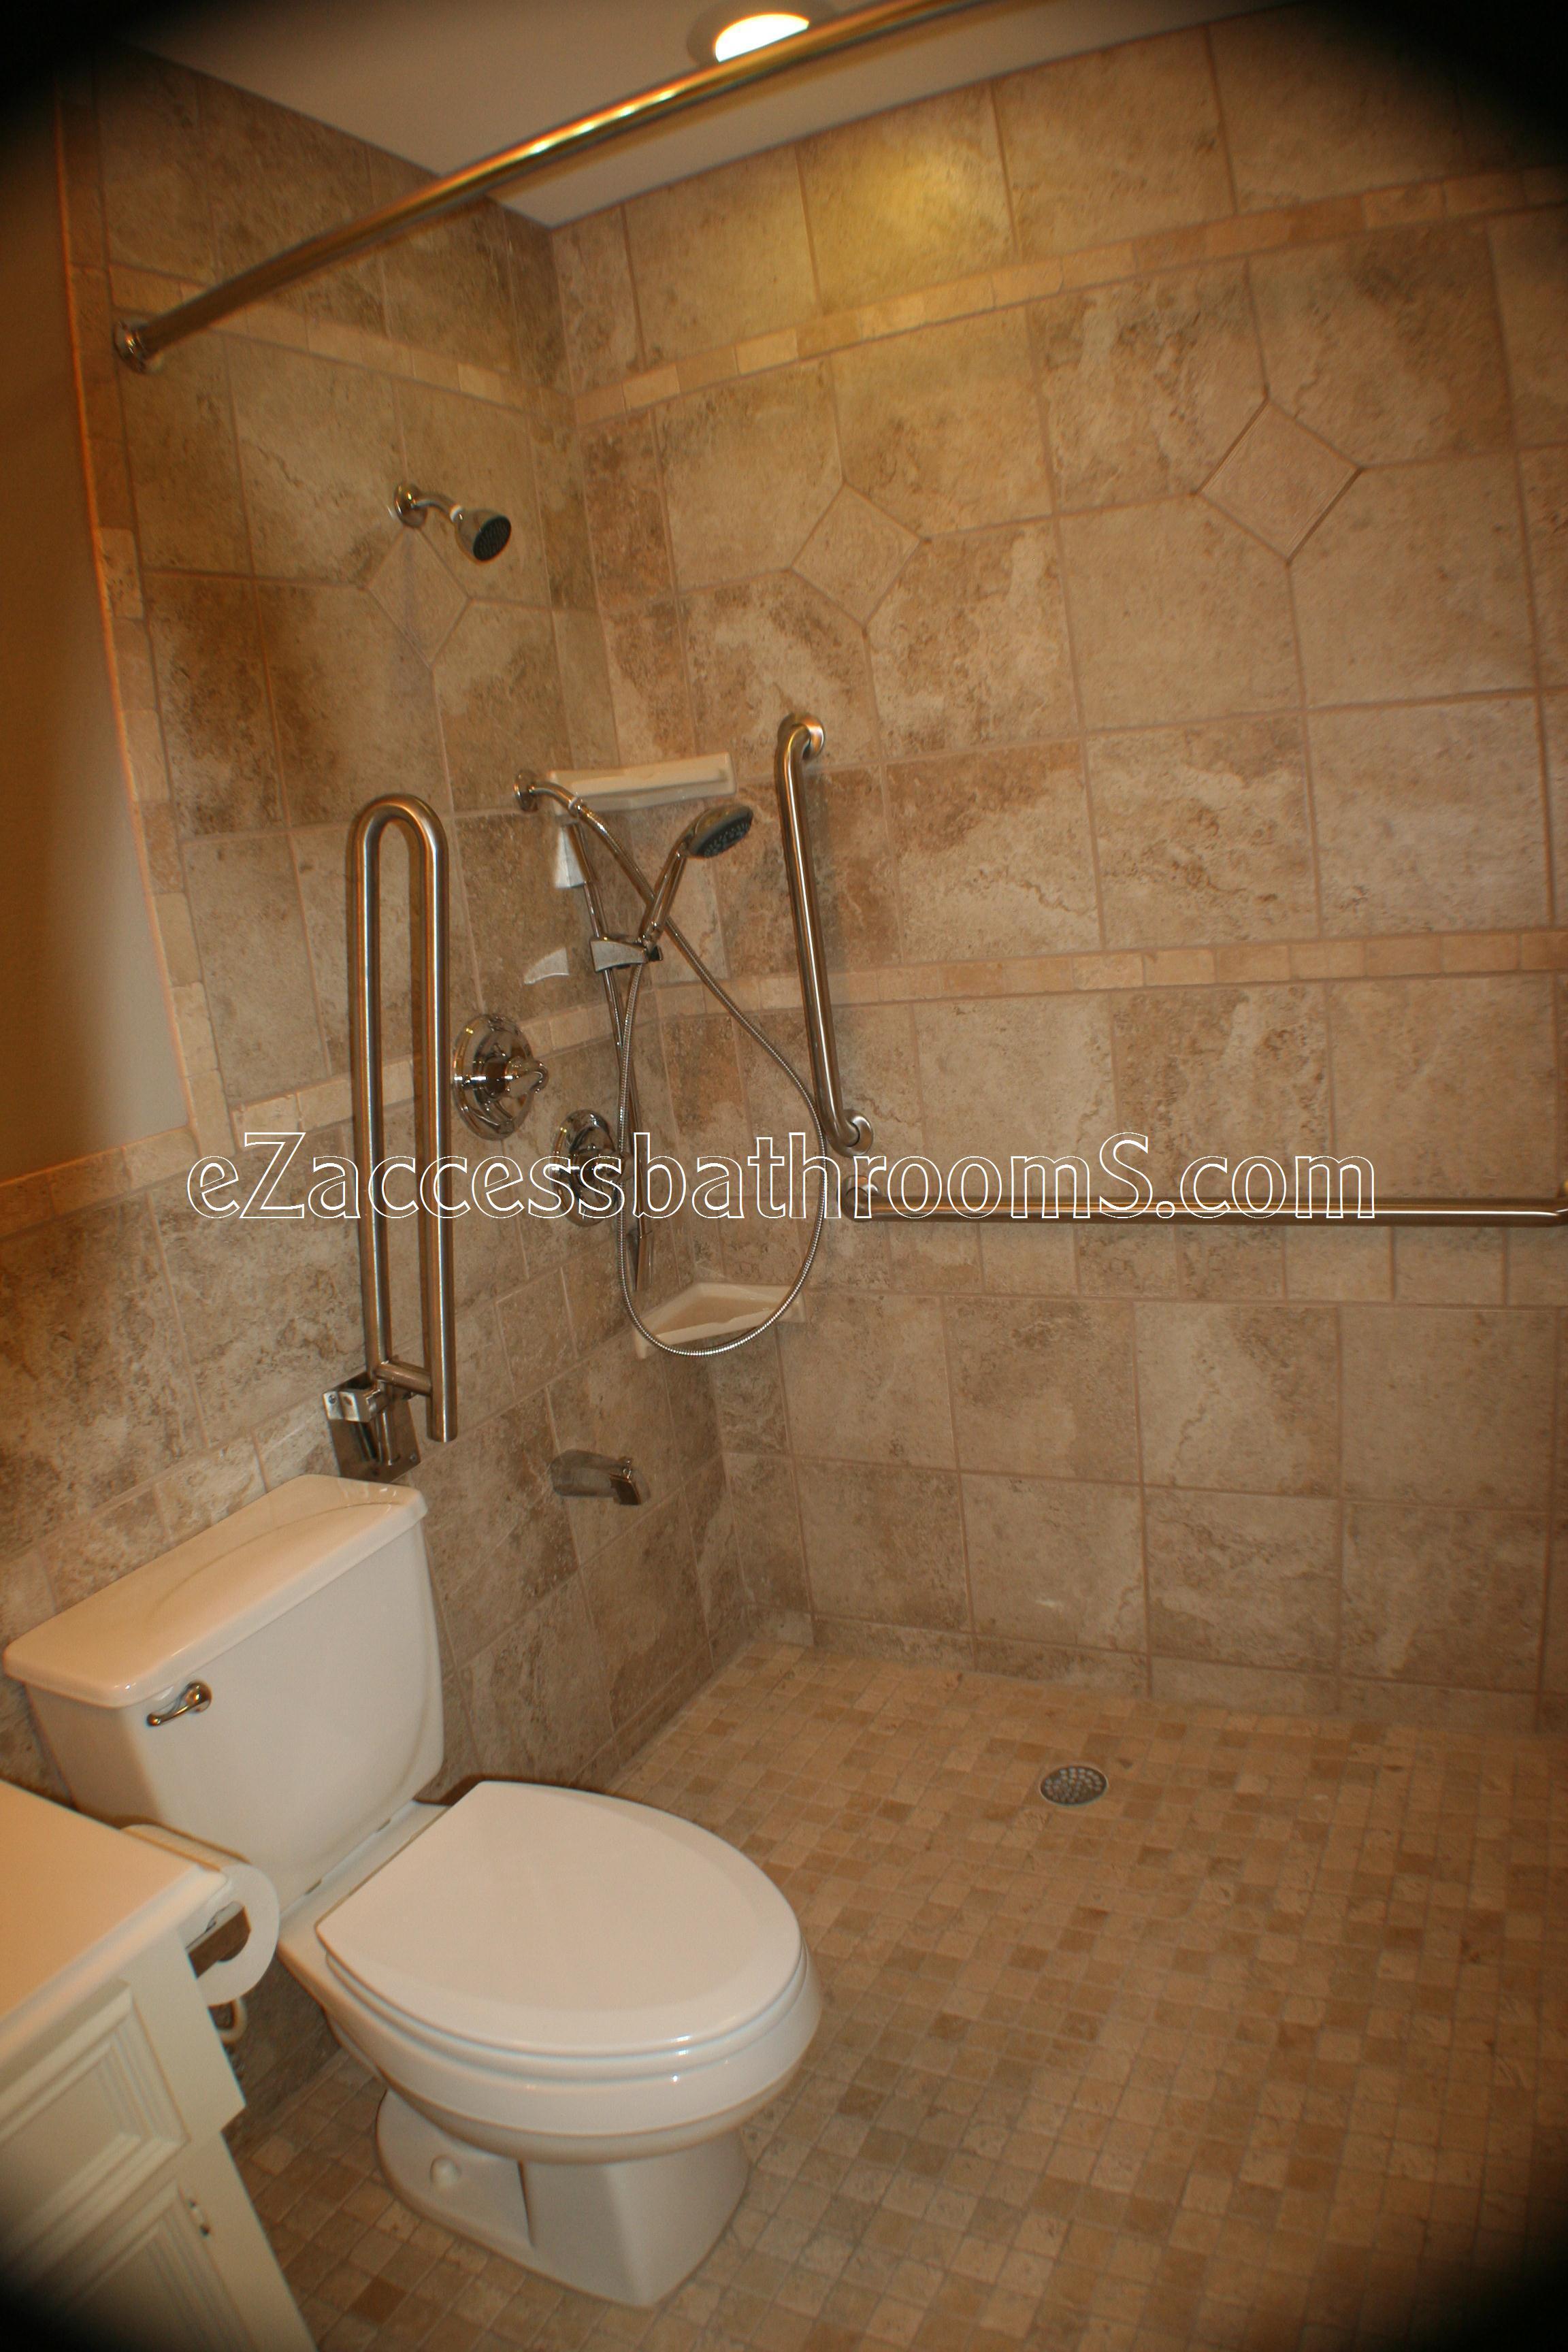 handicap bathroom 01 ezacessbathrooms.com 007.jpg